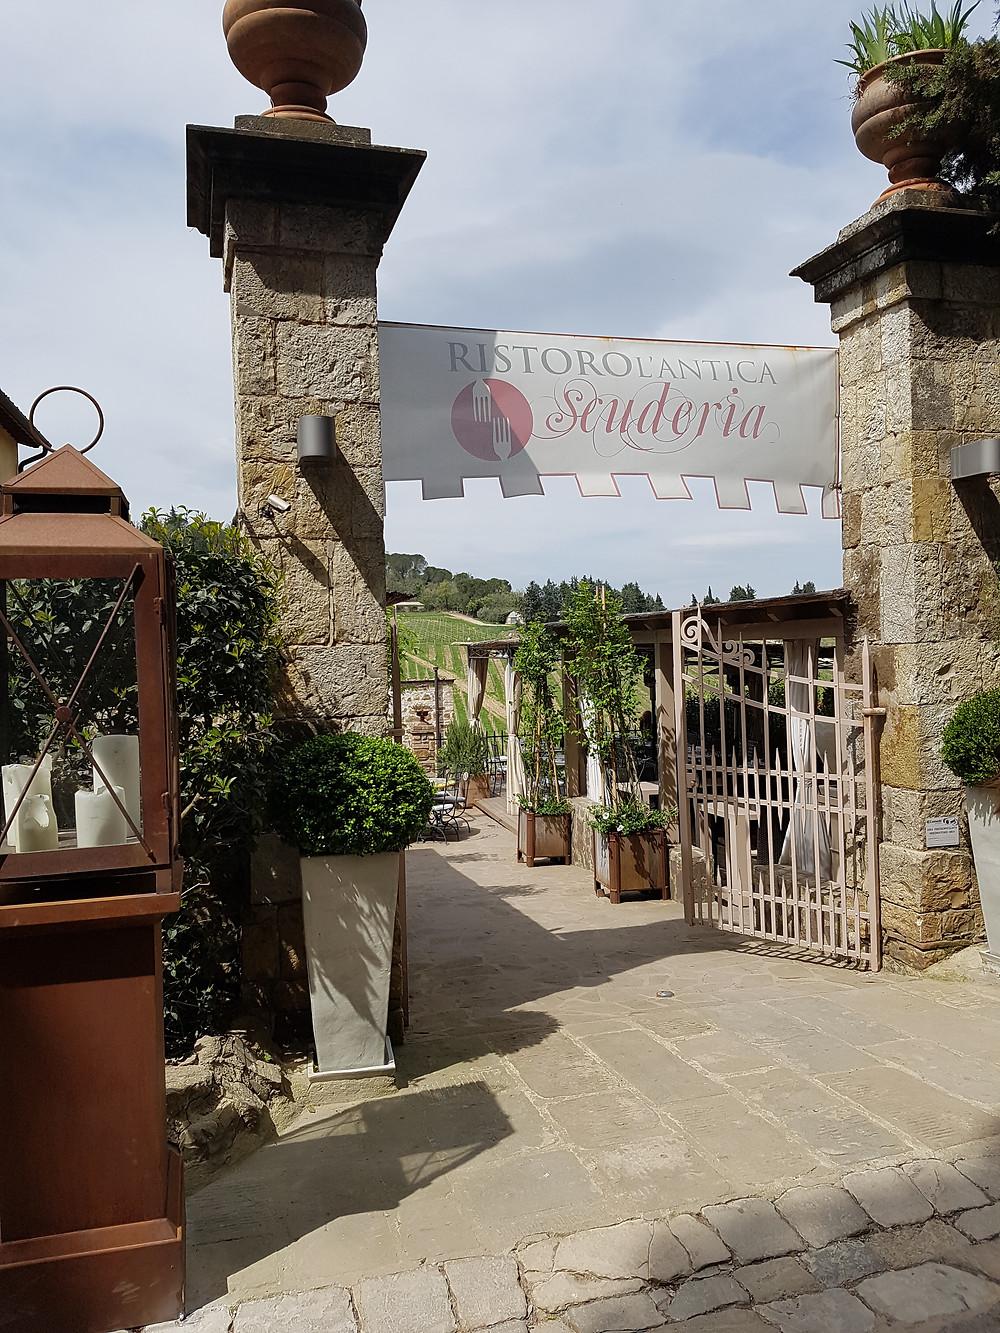 Ristoro L'Antica Scuderia - Badia a Passignano